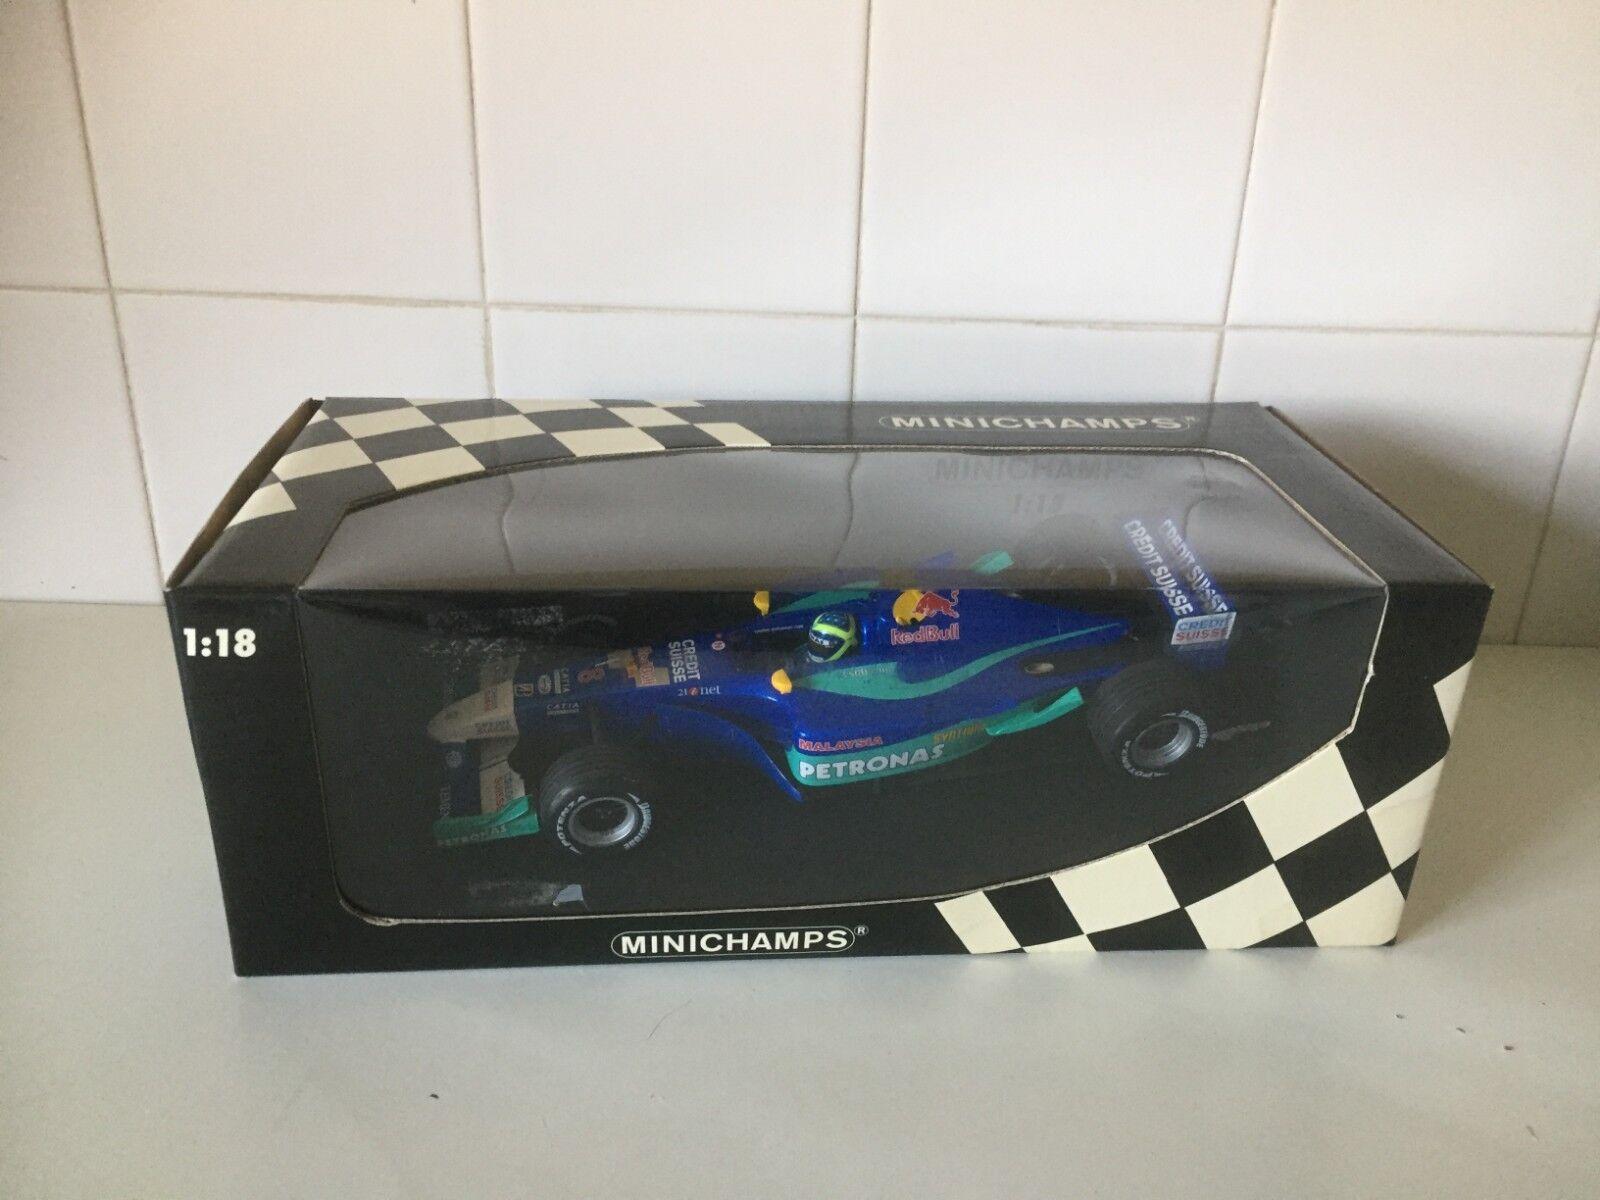 MINICHAMPS F1-Sauber Petronas C21 F. Massa - 1 18 Modèle À L'échelle - 100 020008